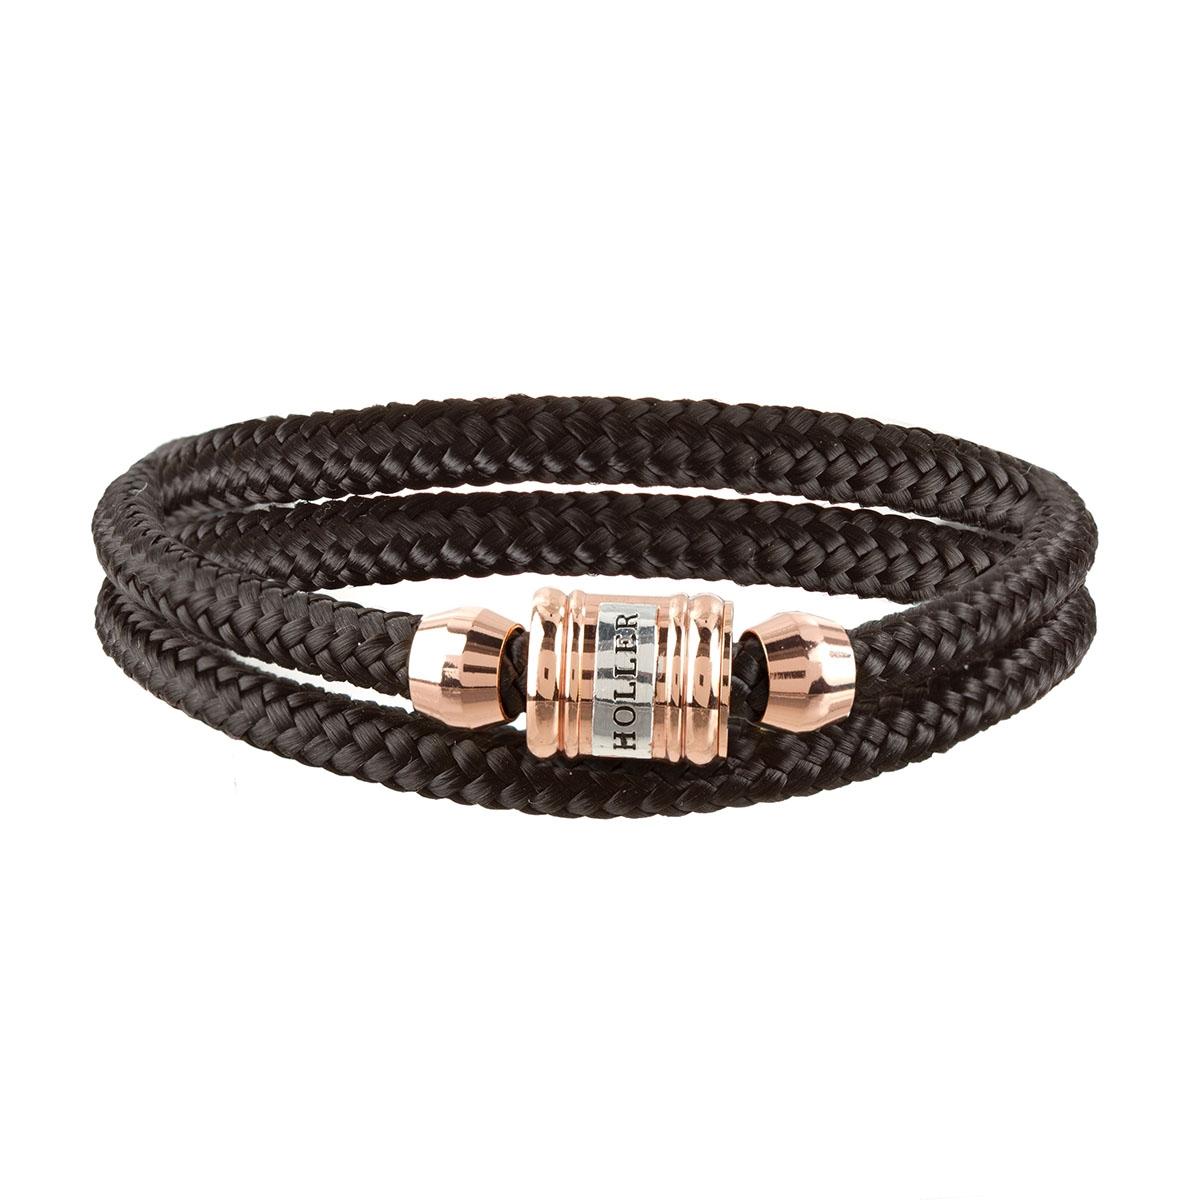 Holler Bailey Rose Gold Polished Barrel / Black Paracord Bracelet HLB-07RGP-P13